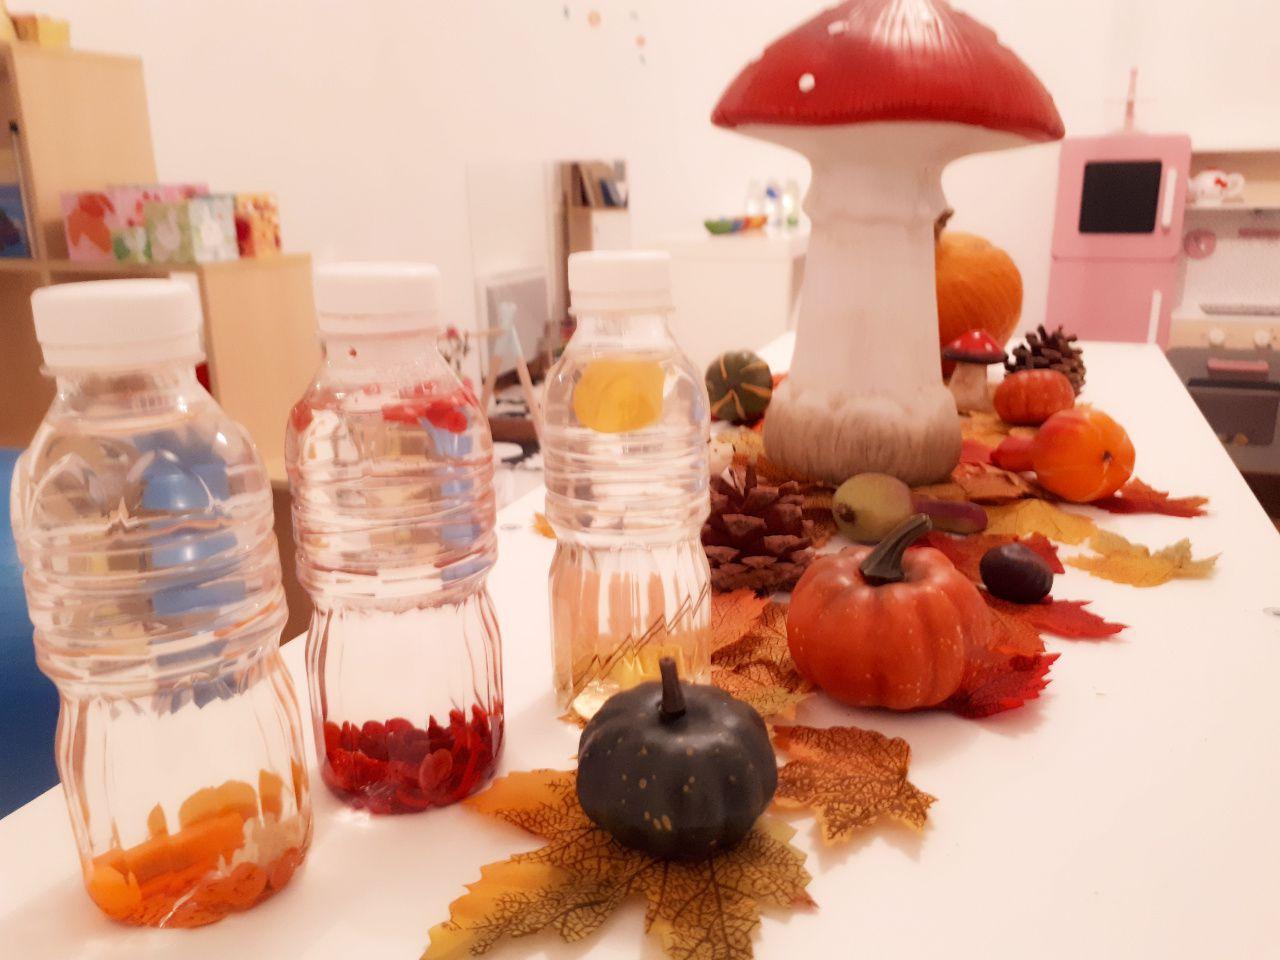 Notre table des saisons sur l'automne inspirée de la pédagogie Steiner